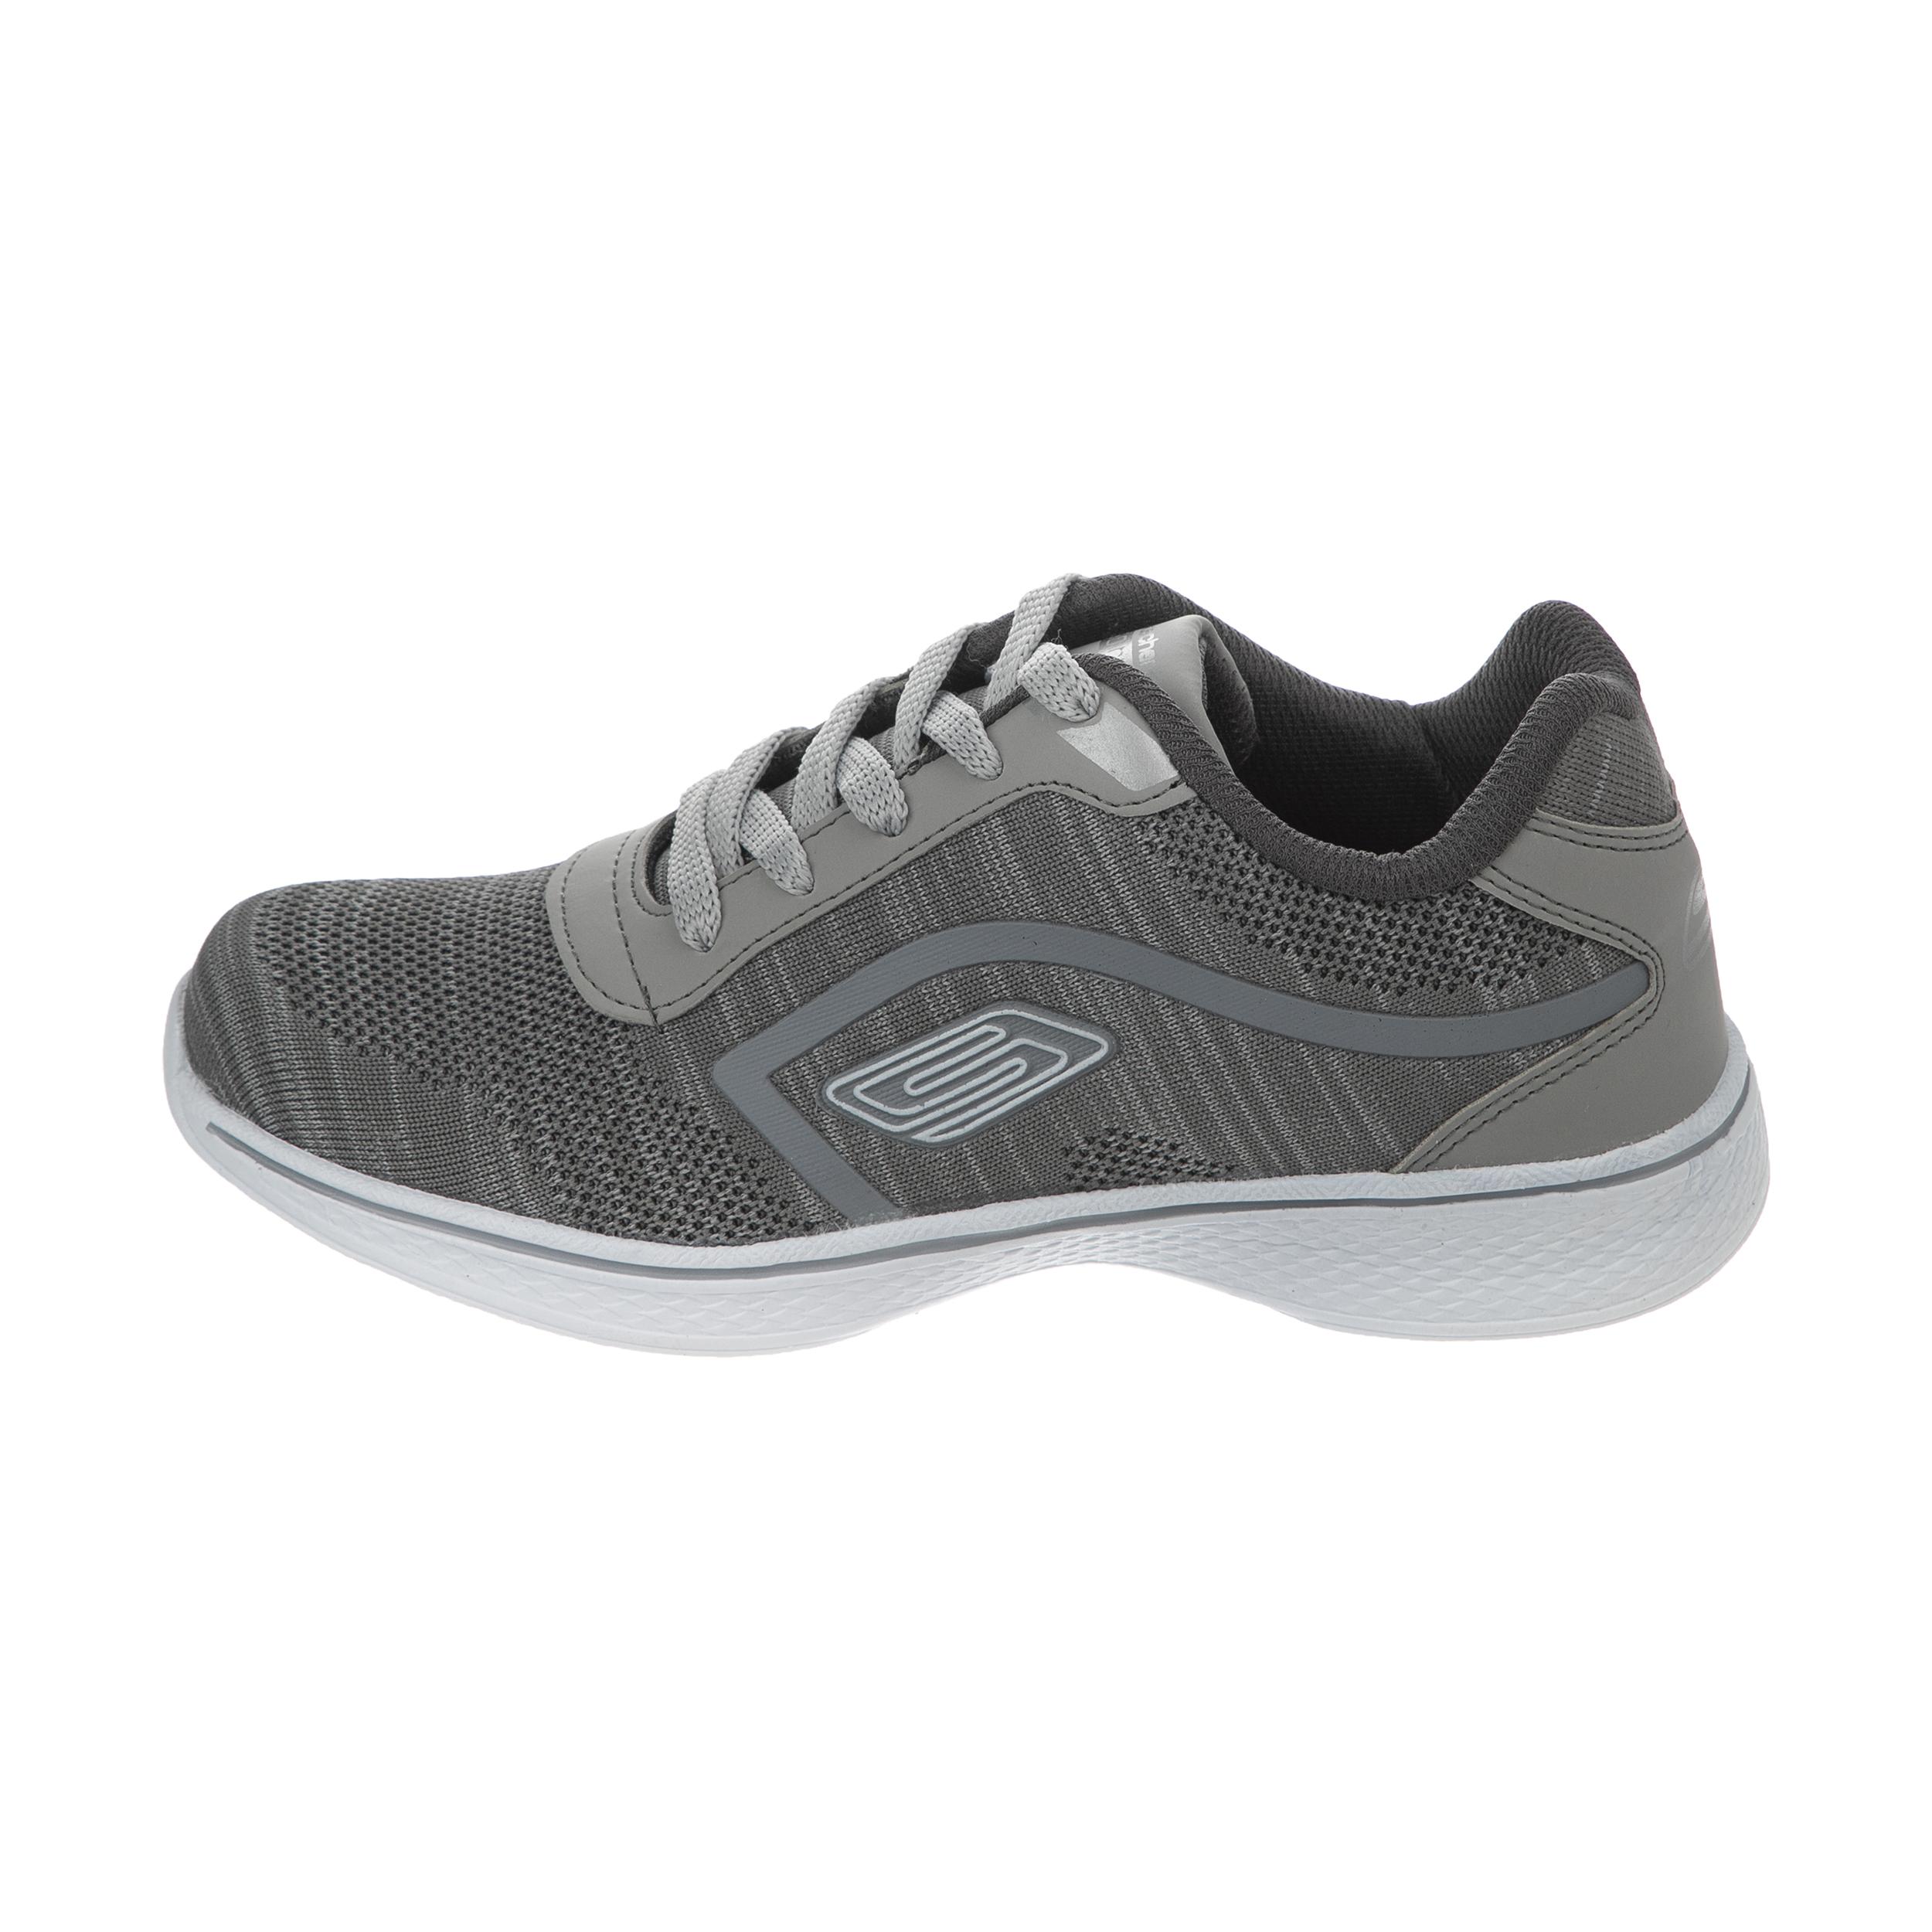 کفش مخصوص پیاده روی زنانه نسیم مدل ۱۰2              خرید